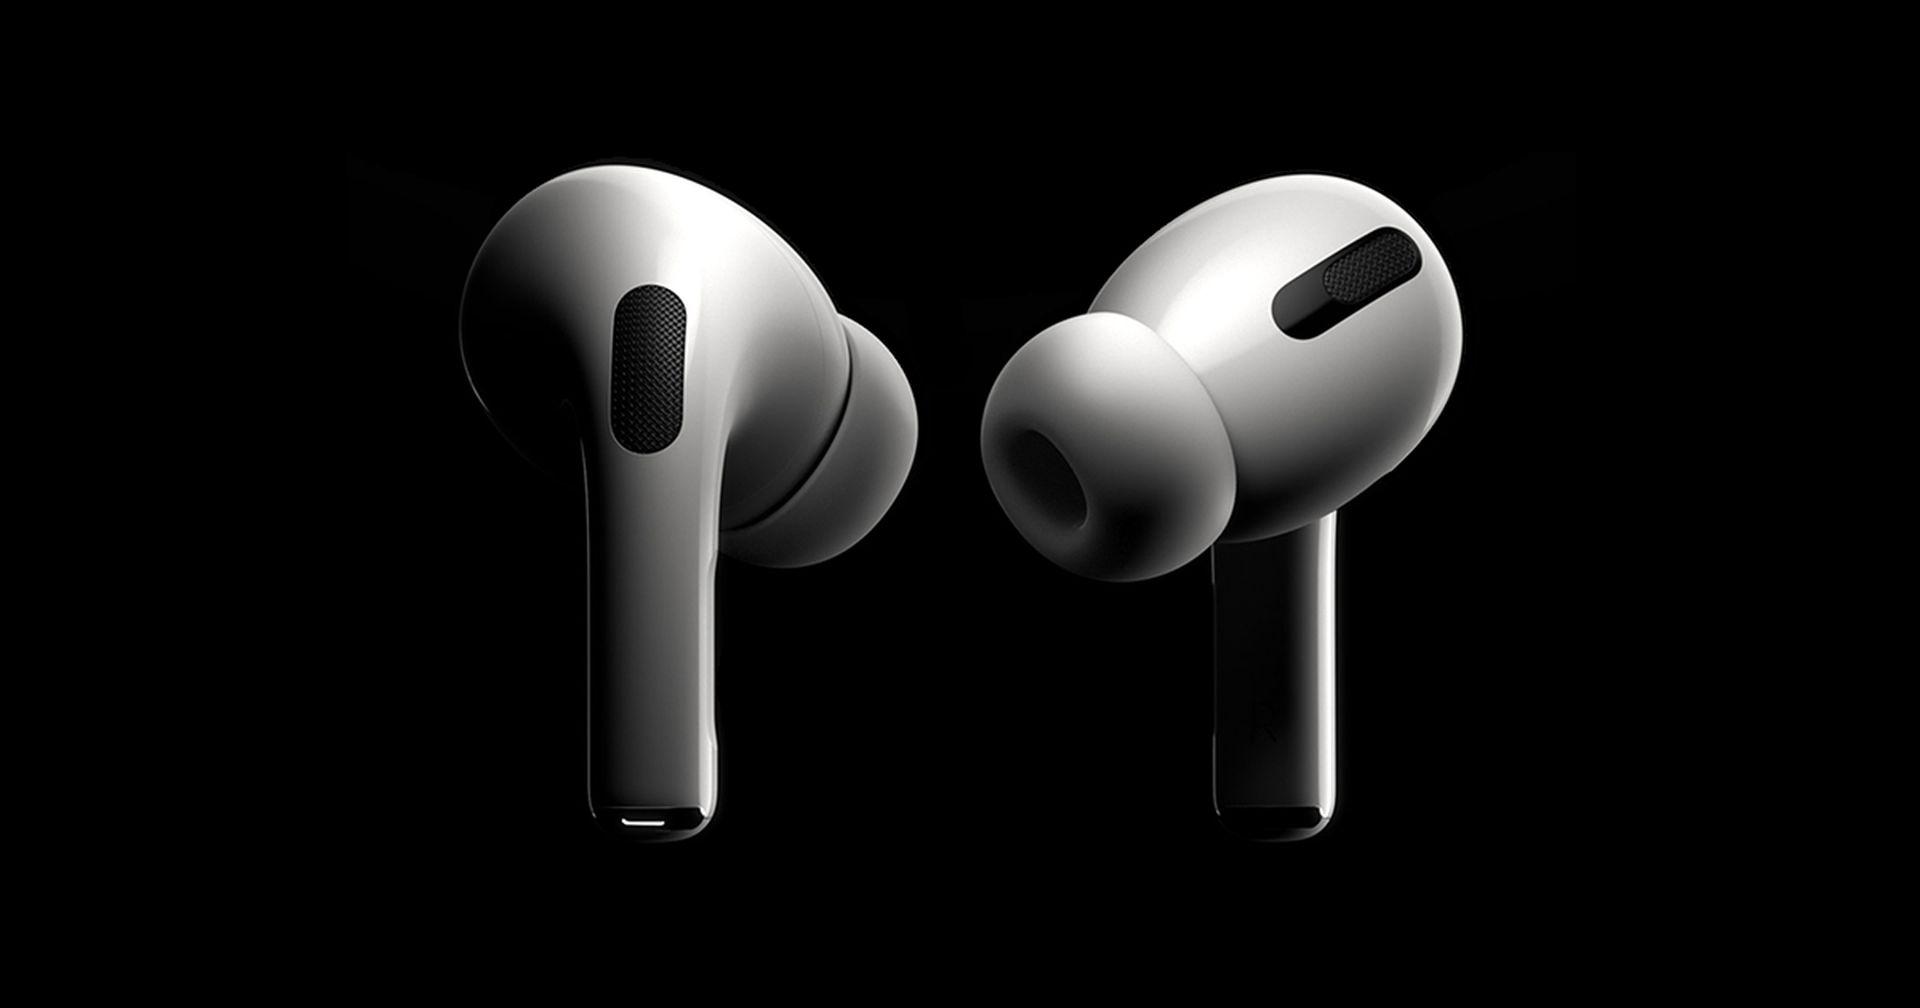 Firma Apple zdominowała rynek słuchawek bezprzewodowych